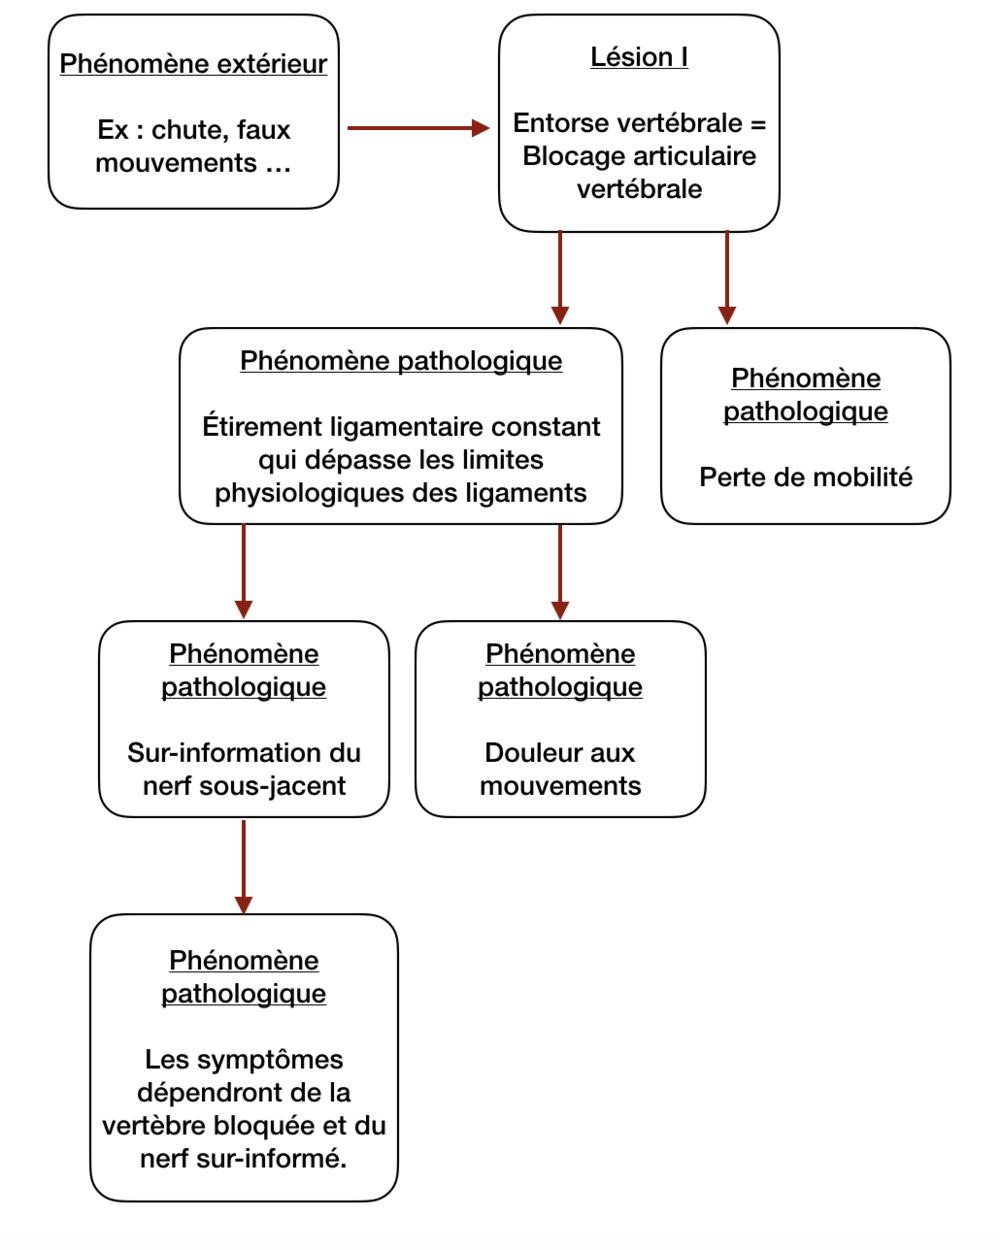 Mécanisme de l'entorse vertébrale